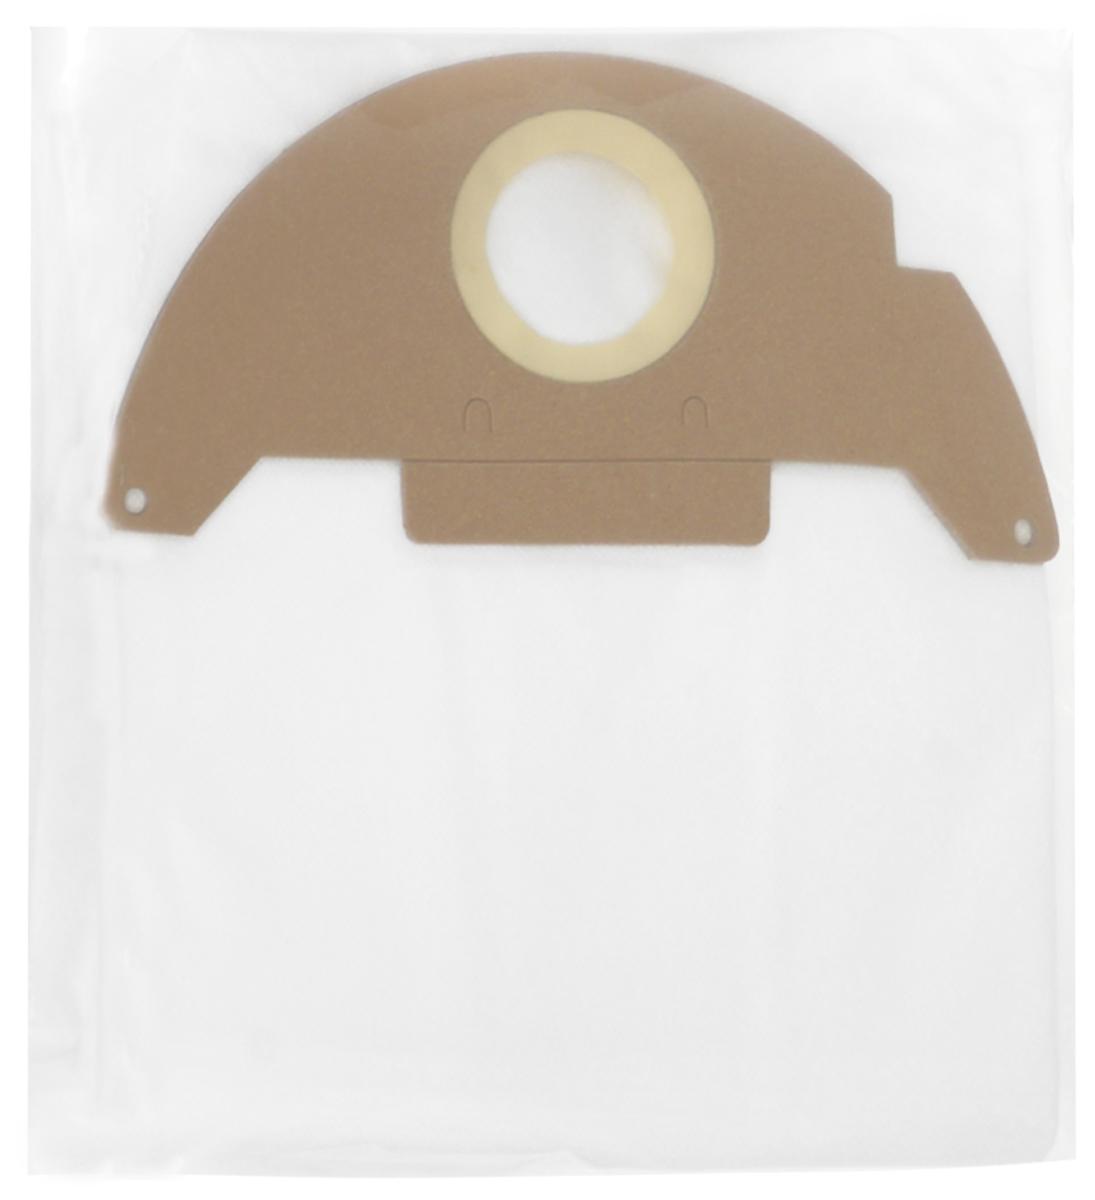 Filtero KAR 10 Pro комплект пылесборников для промышленных пылесосов, 4 штKAR 10 (4) ProМешки для промышленных пылесосов Filtero KAR 10 Pro, трехслойные, произведены из синтетического микроволокна MicroFib. Прочность синтетических мешков Filtero KAR 10 Pro превосходит любые бумажные мешки-аналоги, даже если это оригинальные бумажные мешки всемирно известных марок. Вы можете быть уверены: заклепки, гвозди, шурупы, битое стекло, острые камни и прочее не смогут прорвать мешки Filtero Pro. Мешки Filtero Pro не боятся влаги, и даже вода, попавшая в мешок, не помешает вам произвести качественную уборку! Мешки Filtero Pro предназначены для уборки пыли класса М. Подходят для следующих моделей пылесосов: Karcher: 2501 2601 3001 A 2120 NT 181 Pro SE 2001 SE 3001 SE 5.100 SE 6.100